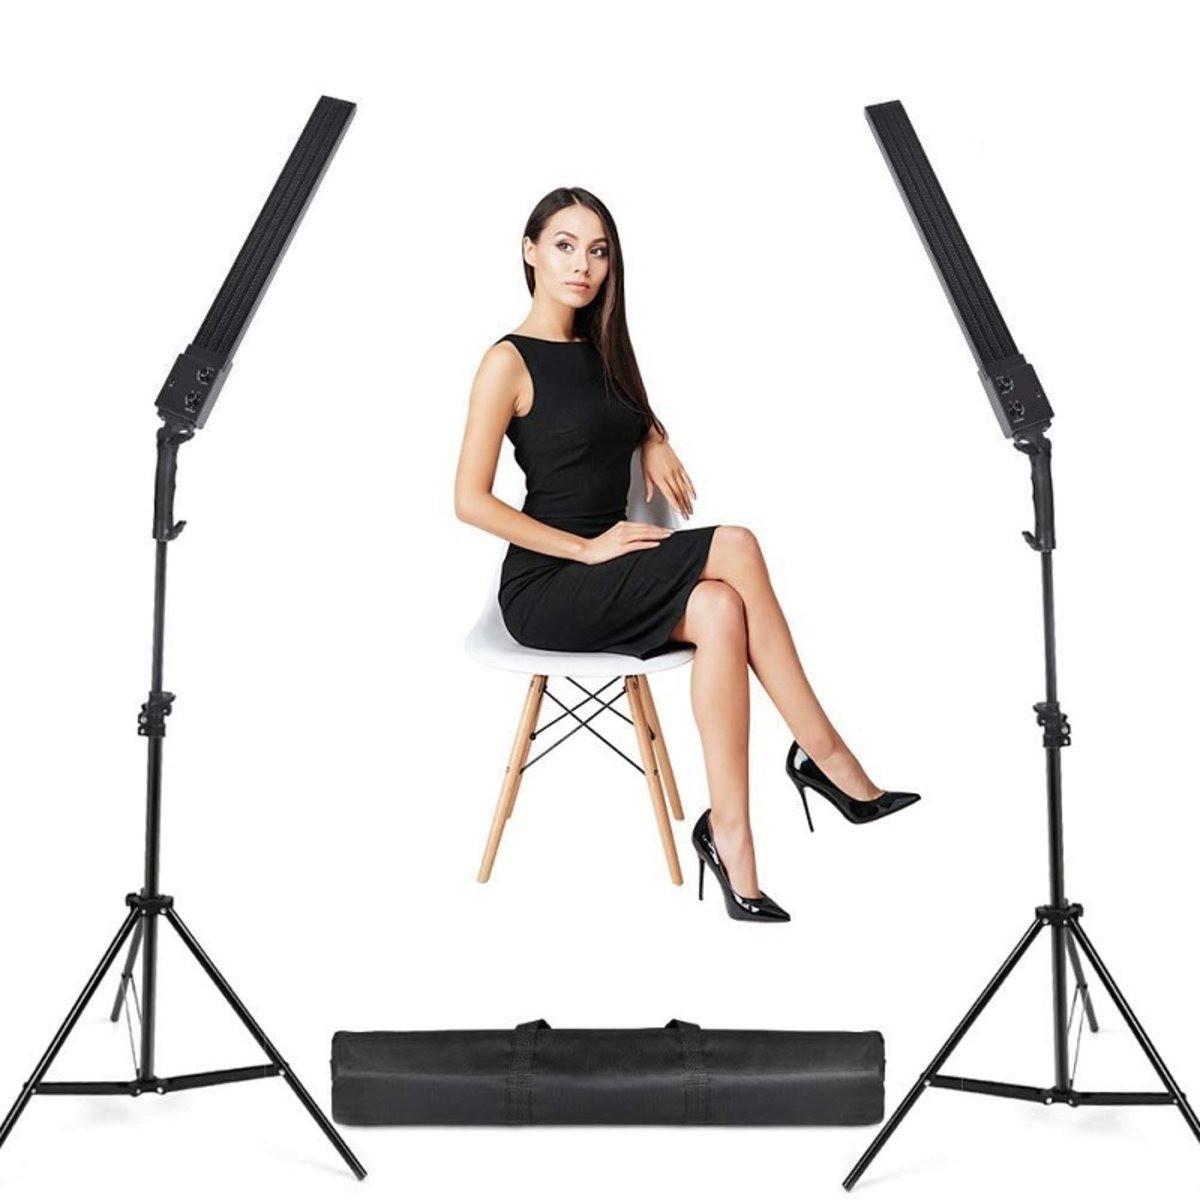 480Вт Набор постоянного света Visico MS-30LS-2 Double Kit для предметной, портретной фото либо видео съёмки